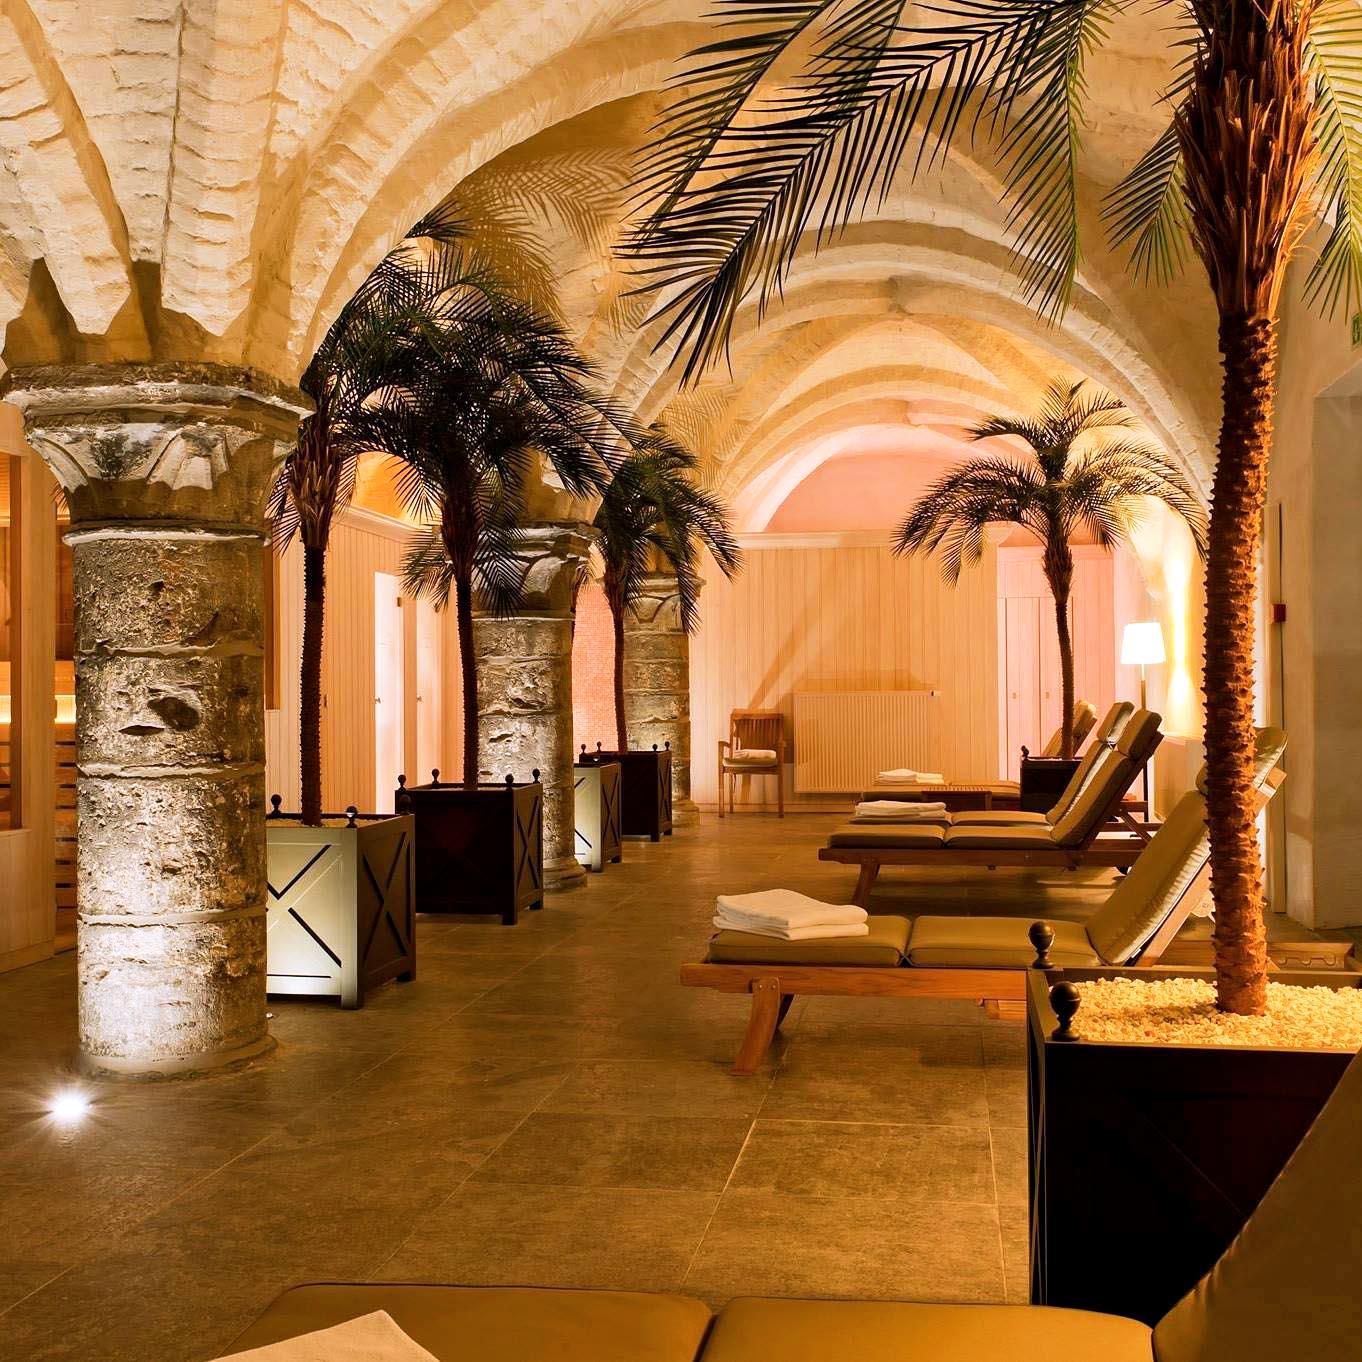 Spa dans les caves souterraines au Grand Hôtel Casselbergh à Bruges